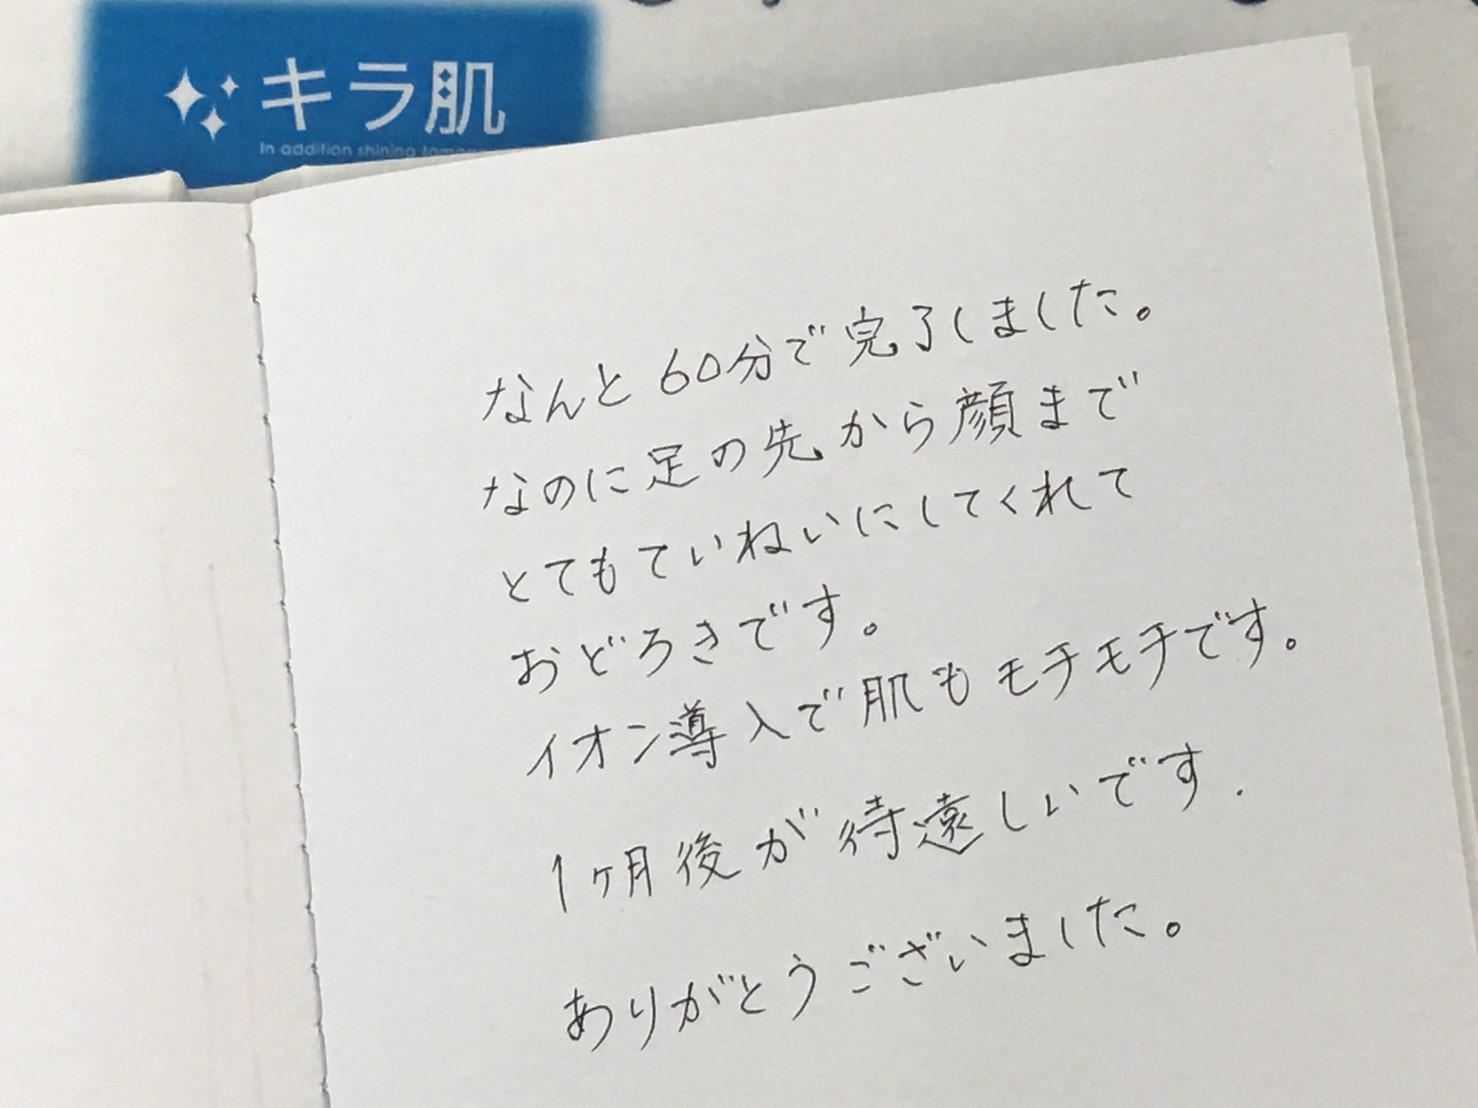 松江在住18歳学生の口コミ。全身脱毛初回。